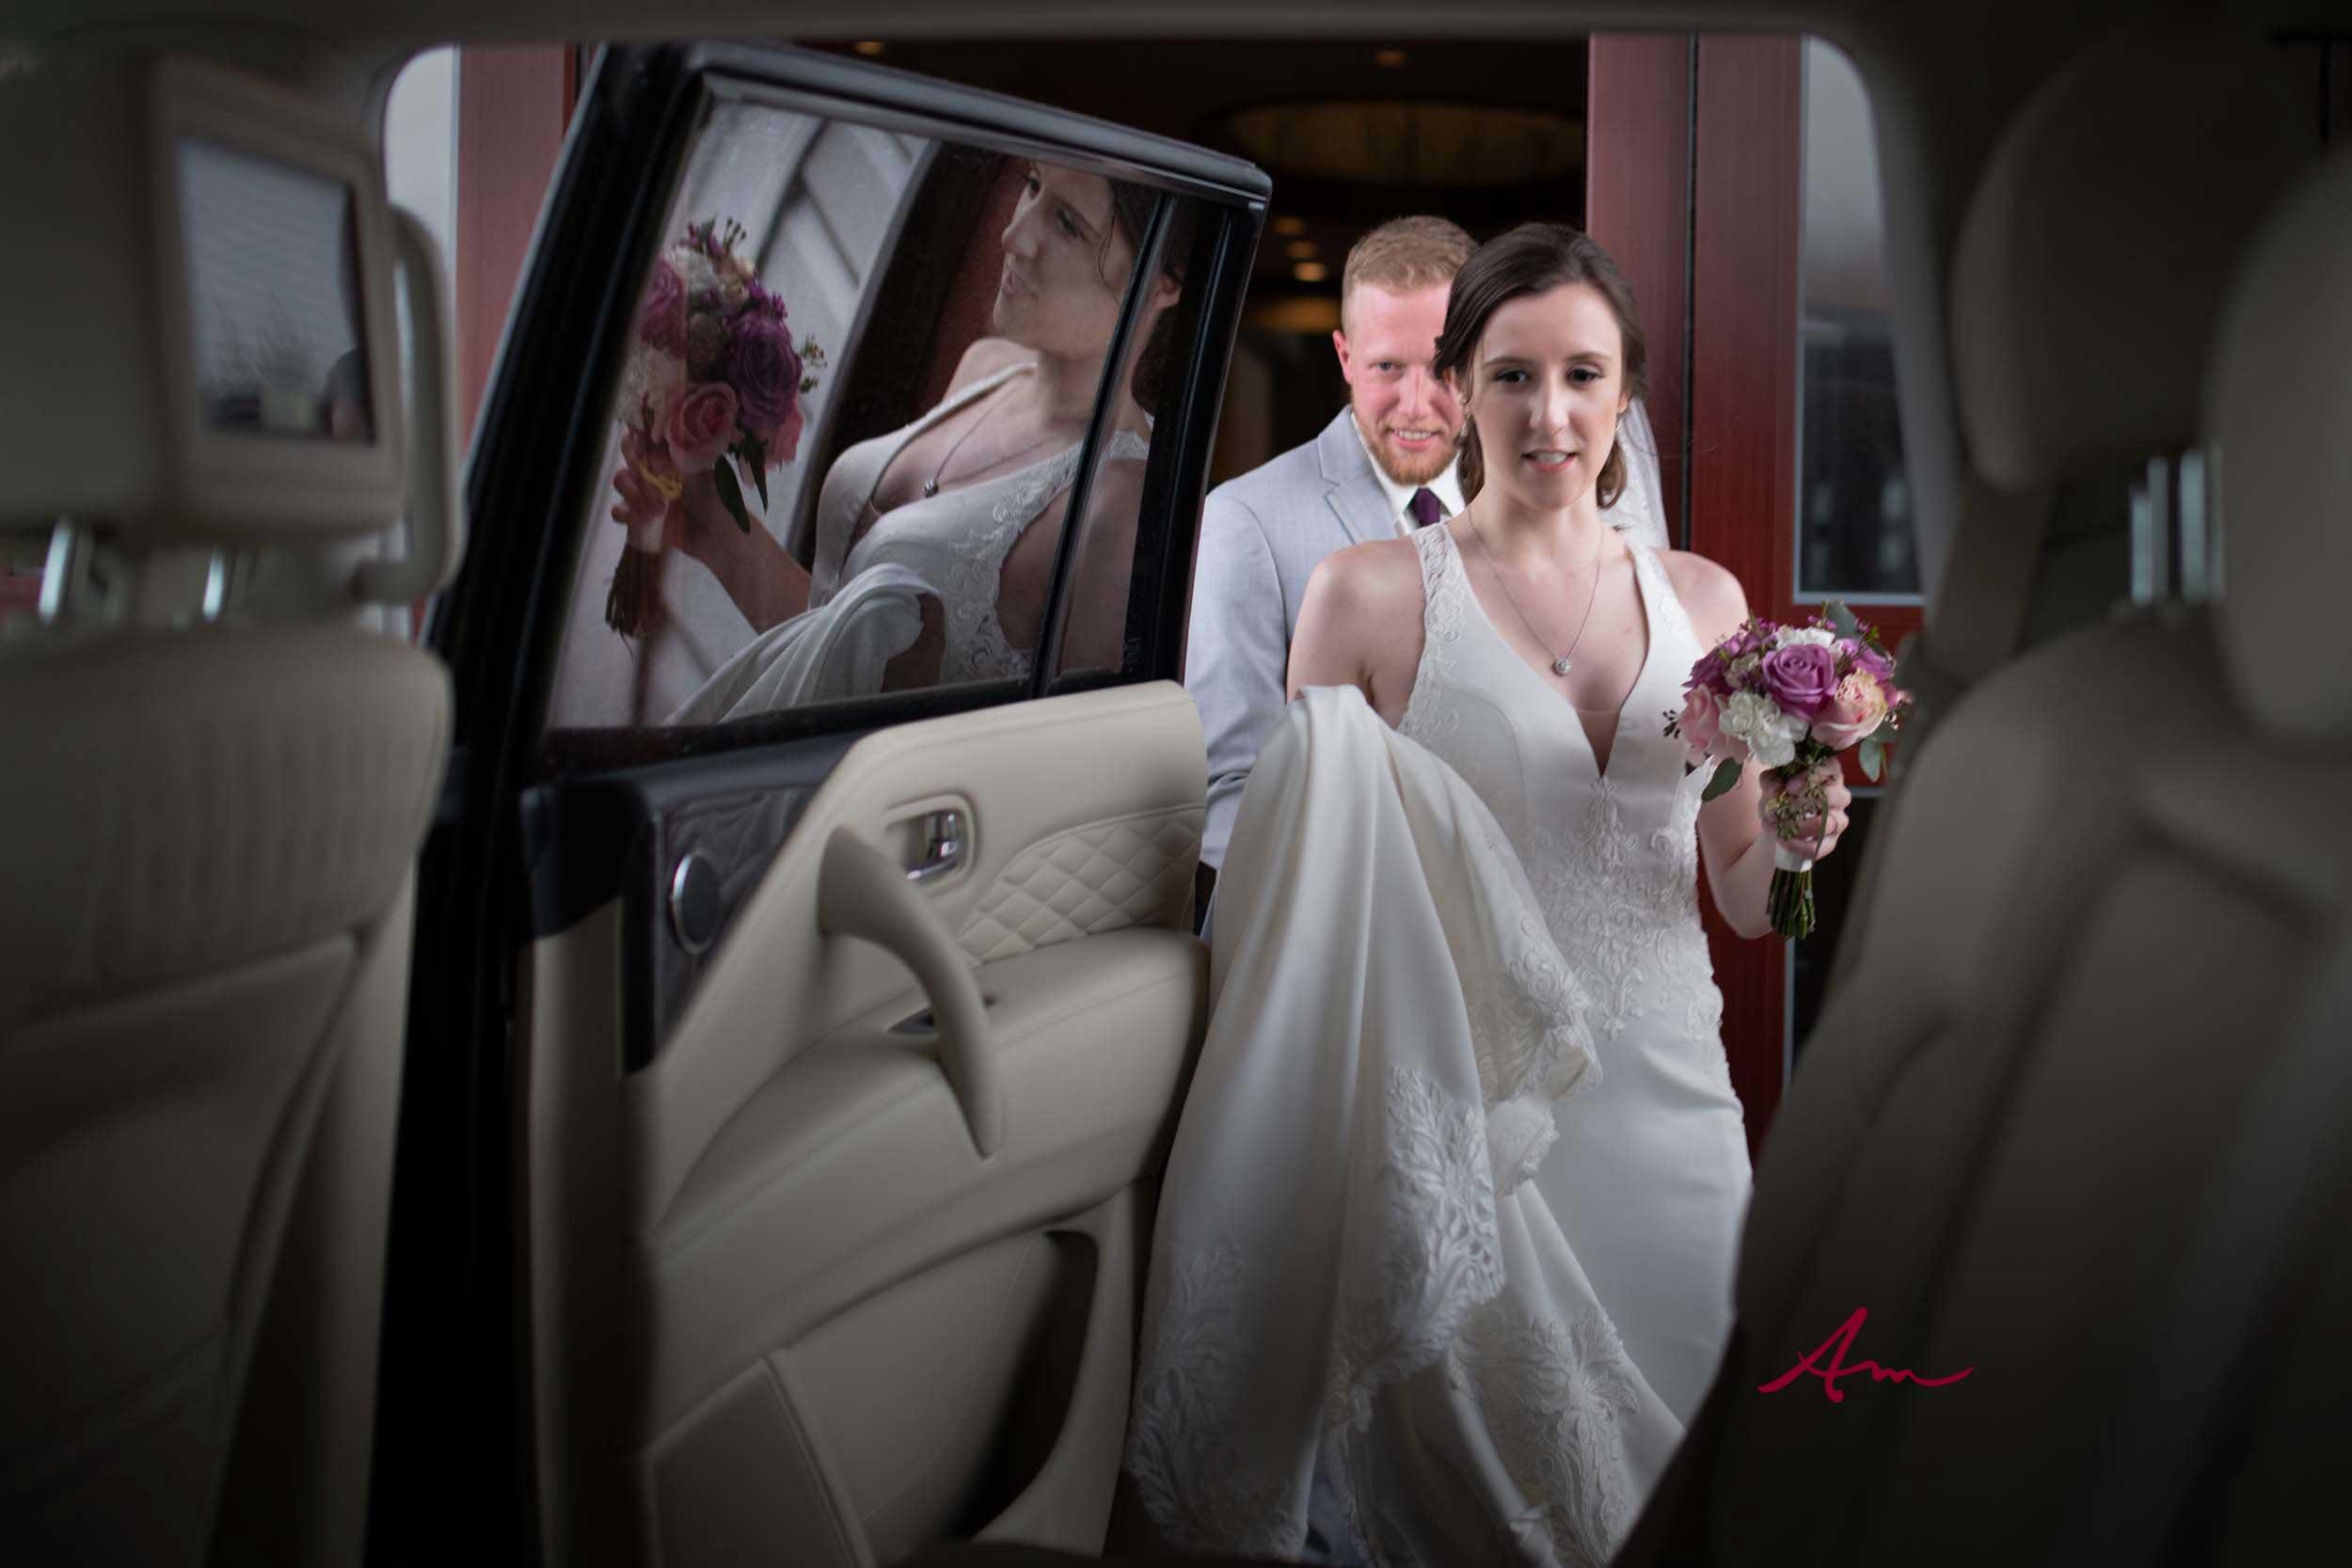 Fox-Harb'r-Wedding-Ride-to-Reception.jpg